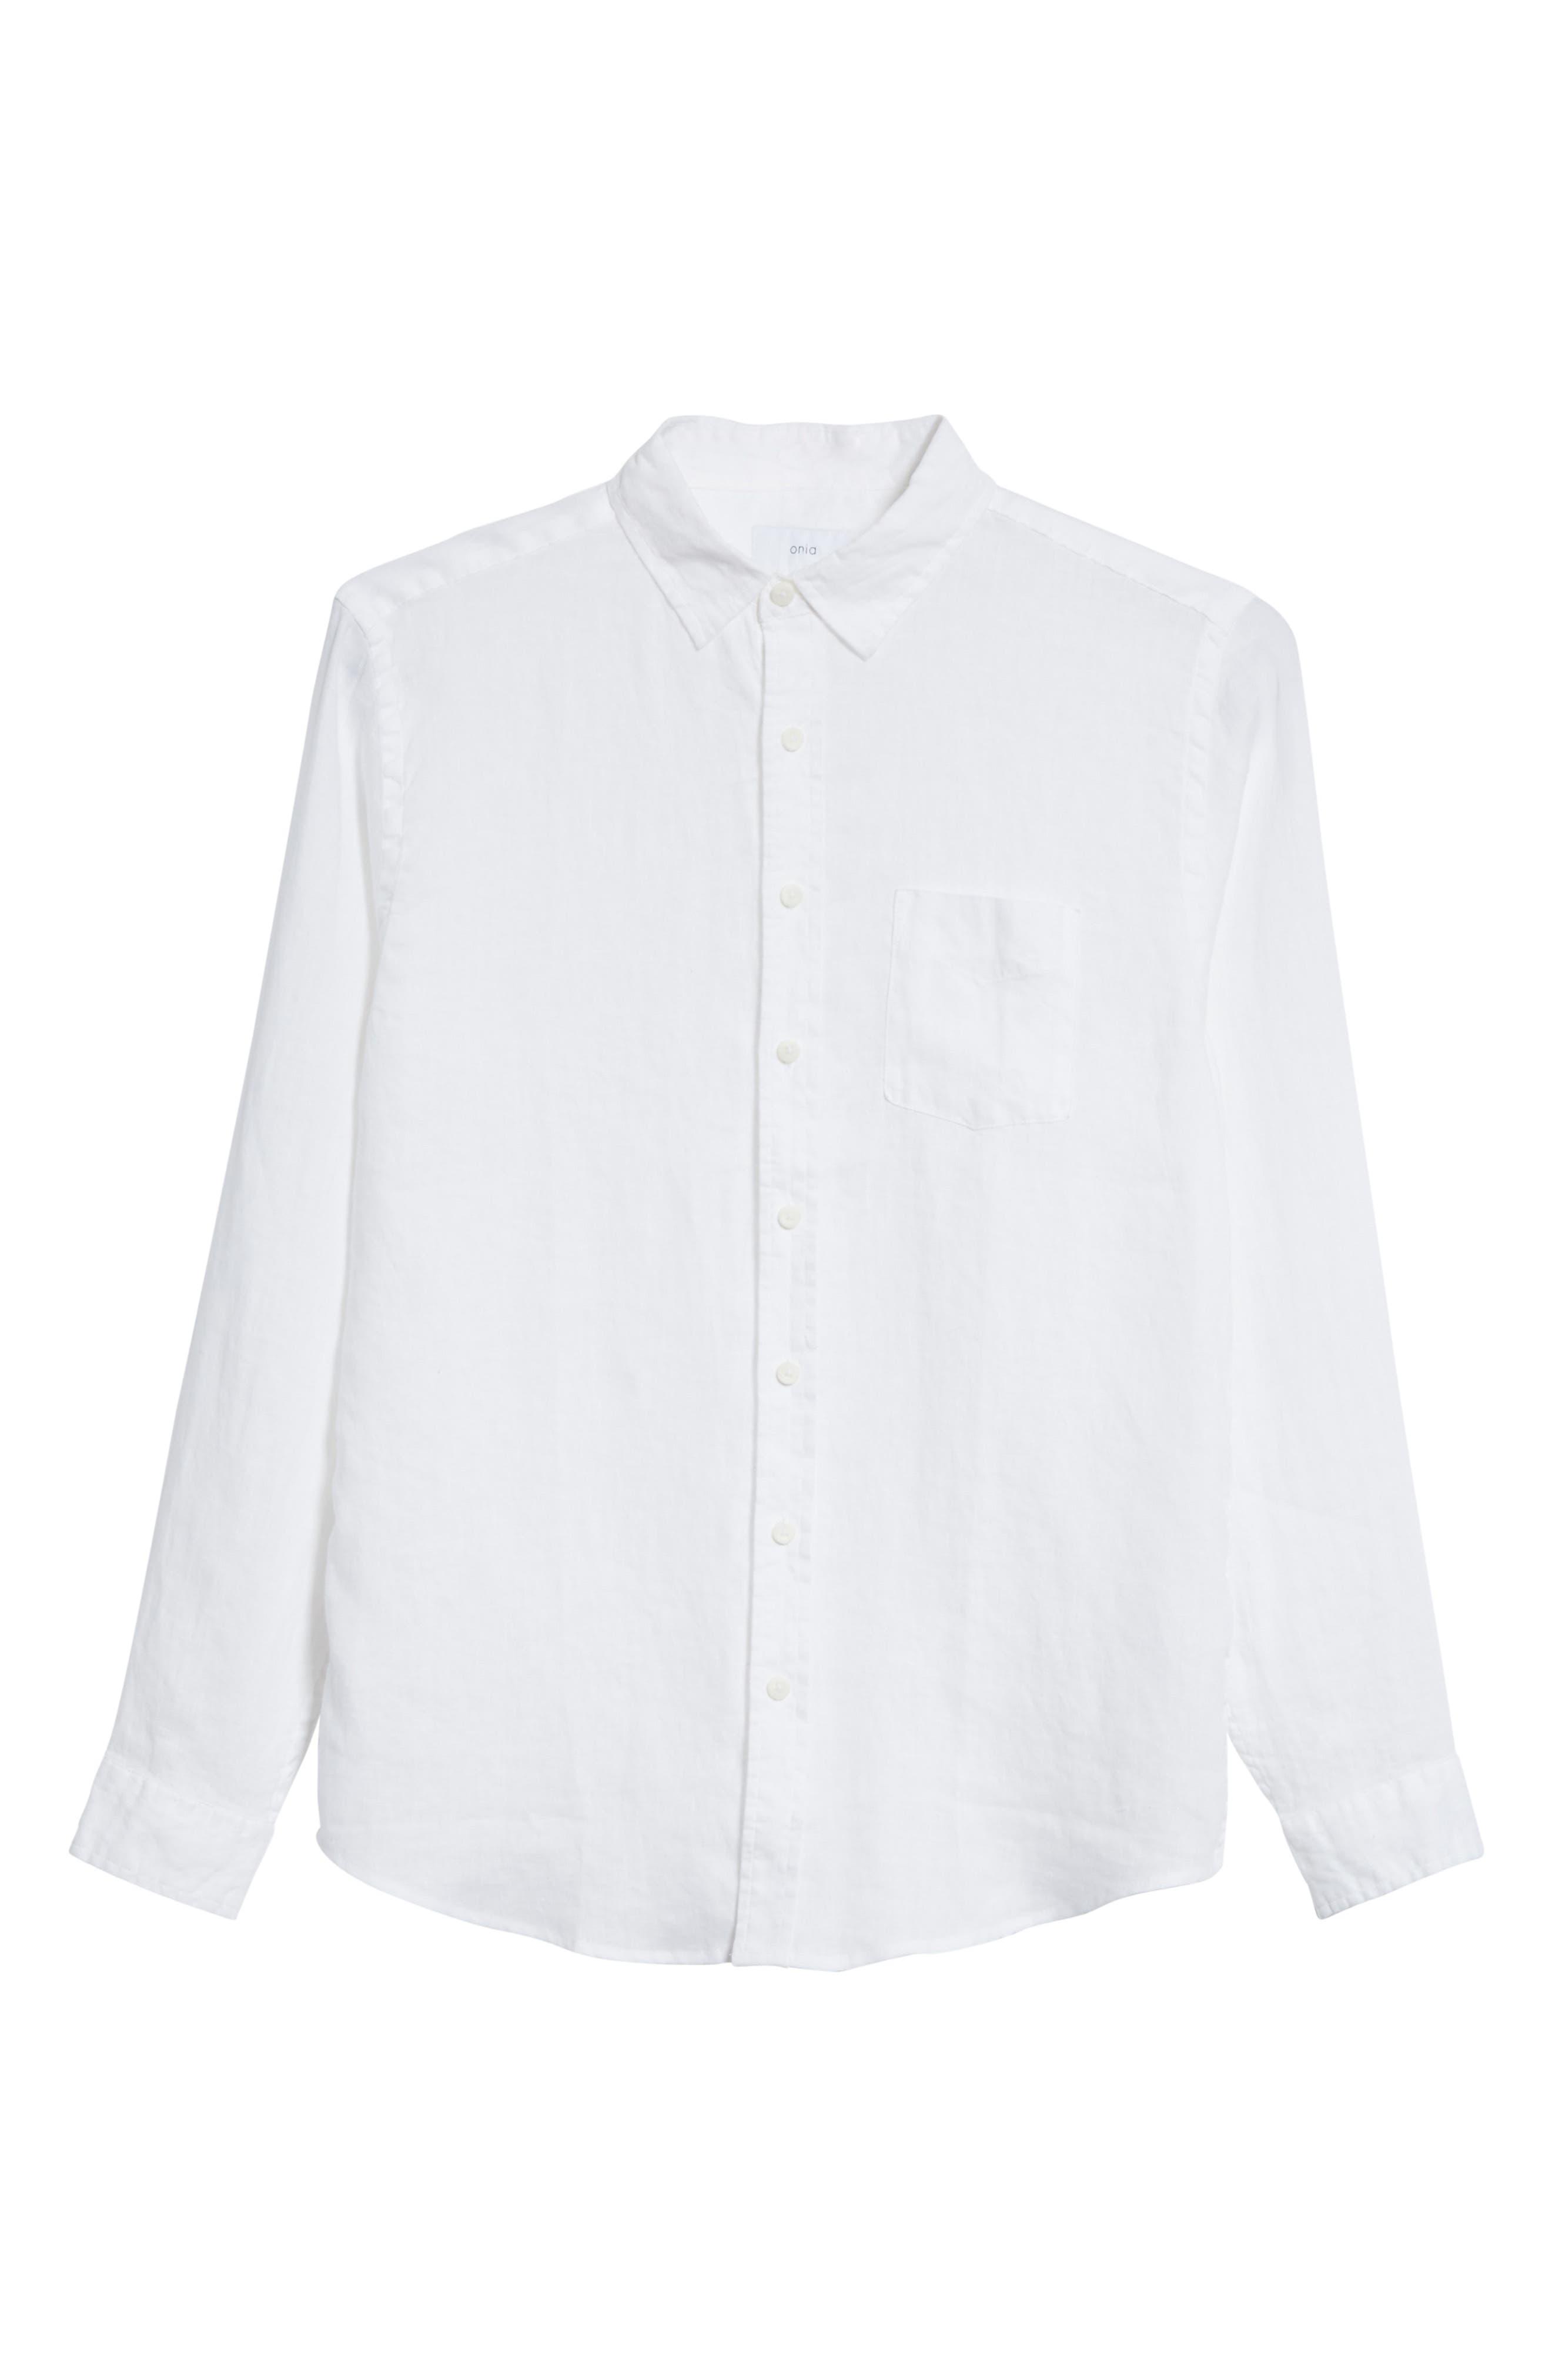 Abe Linen Shirt,                             Alternate thumbnail 5, color,                             WHITE